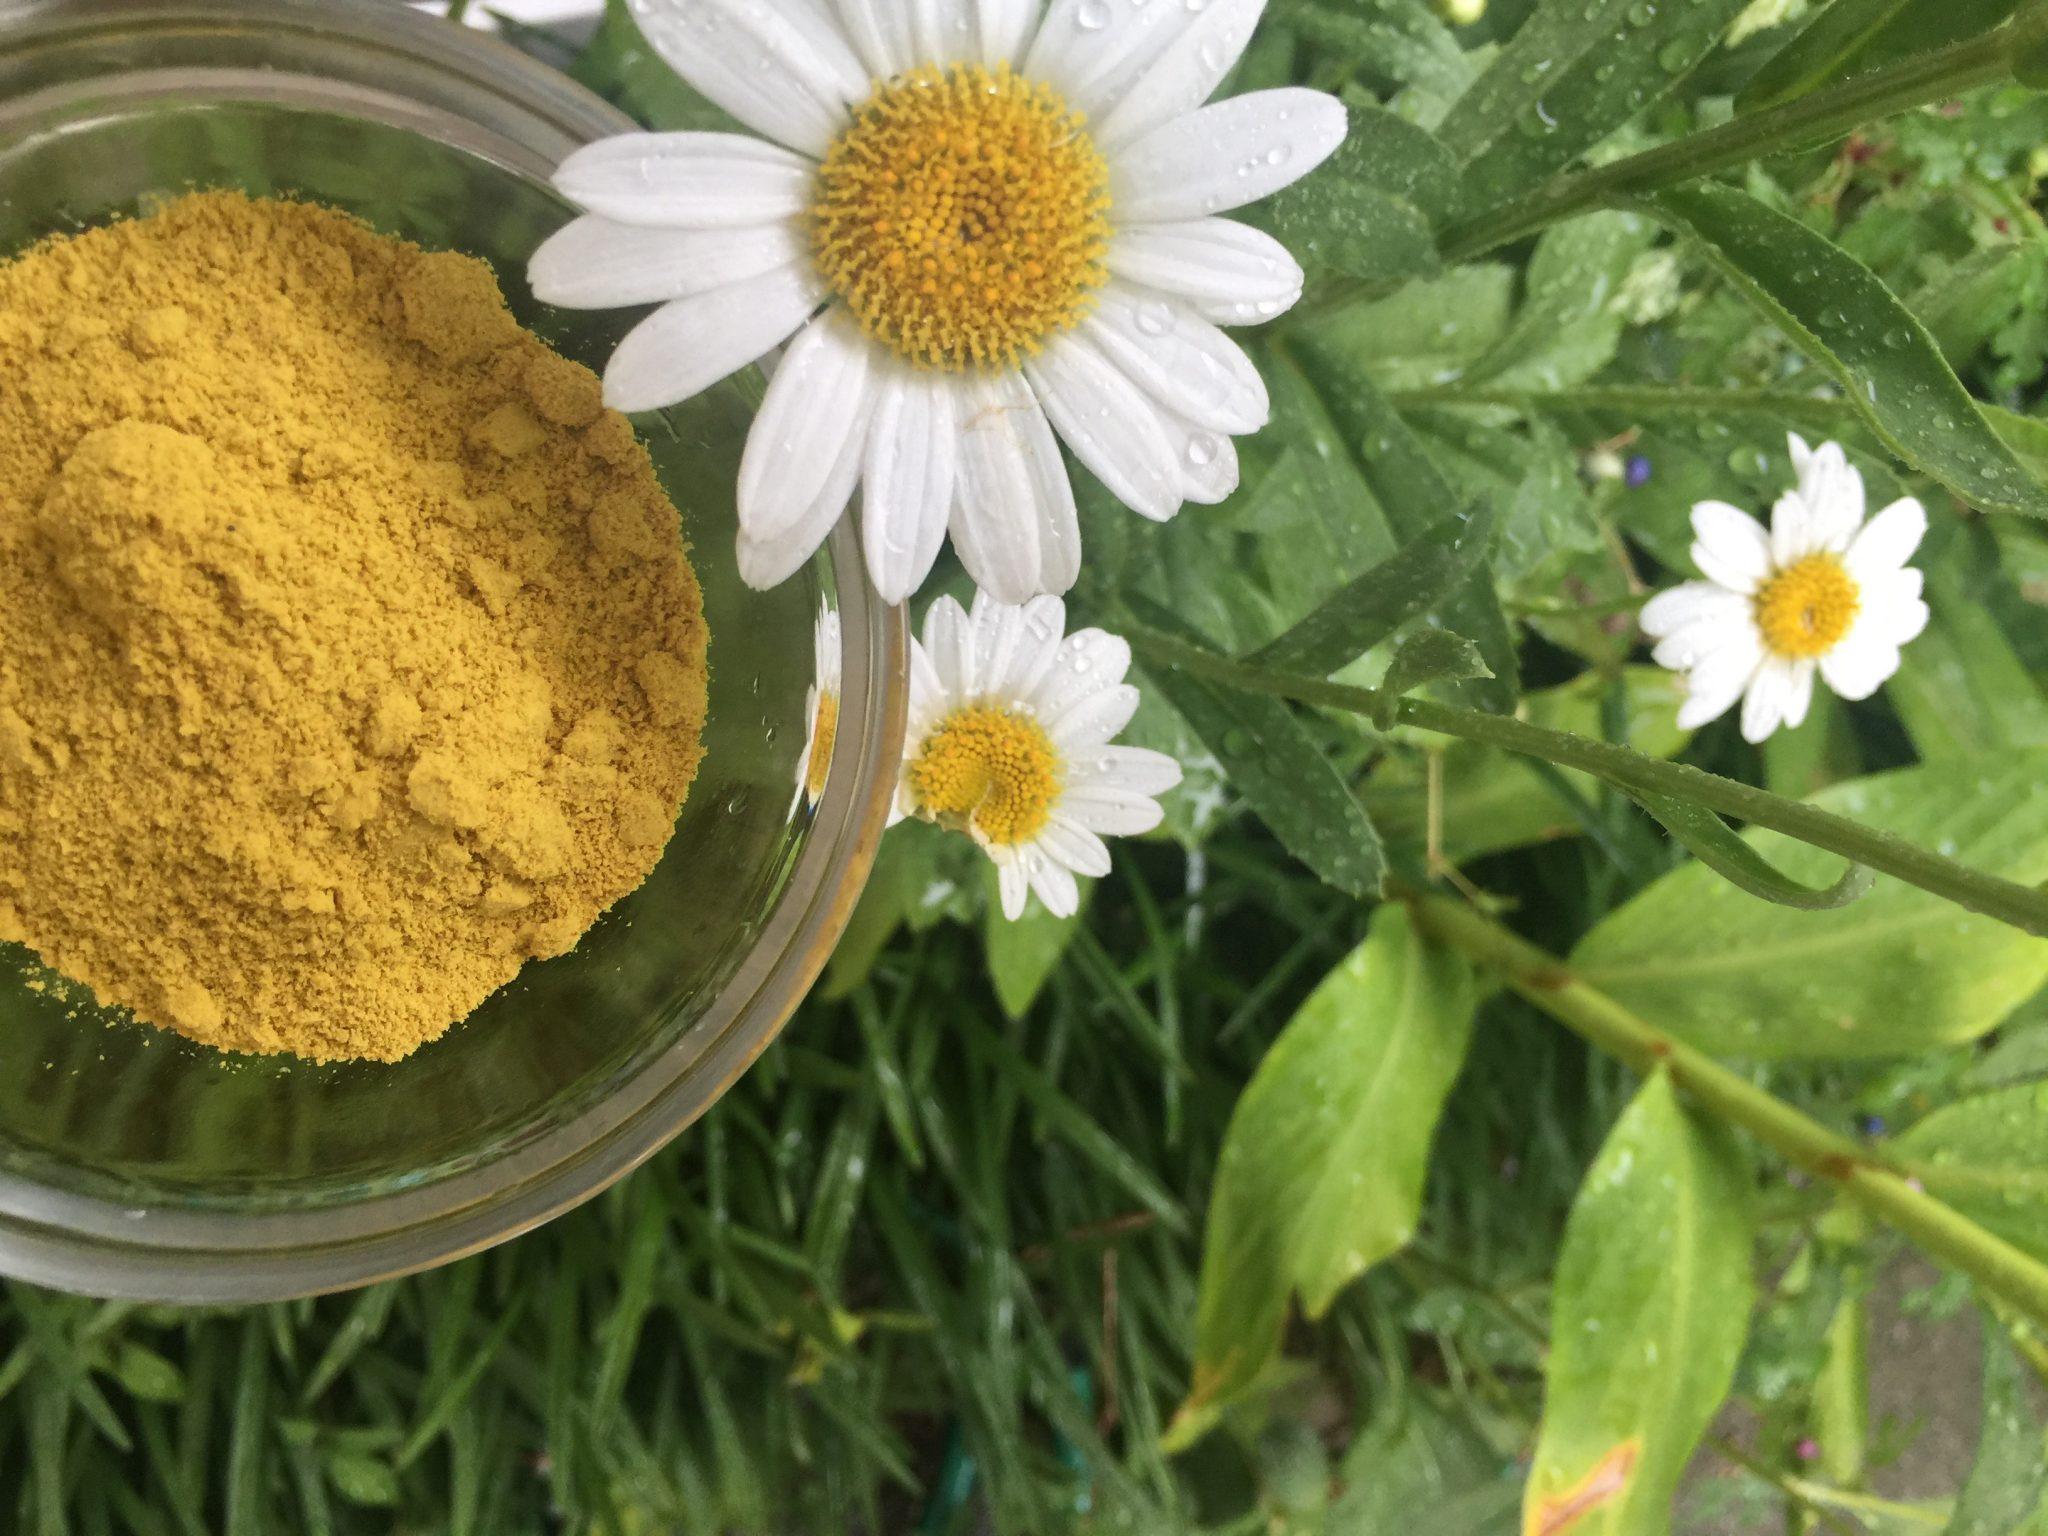 swedish flower pollen